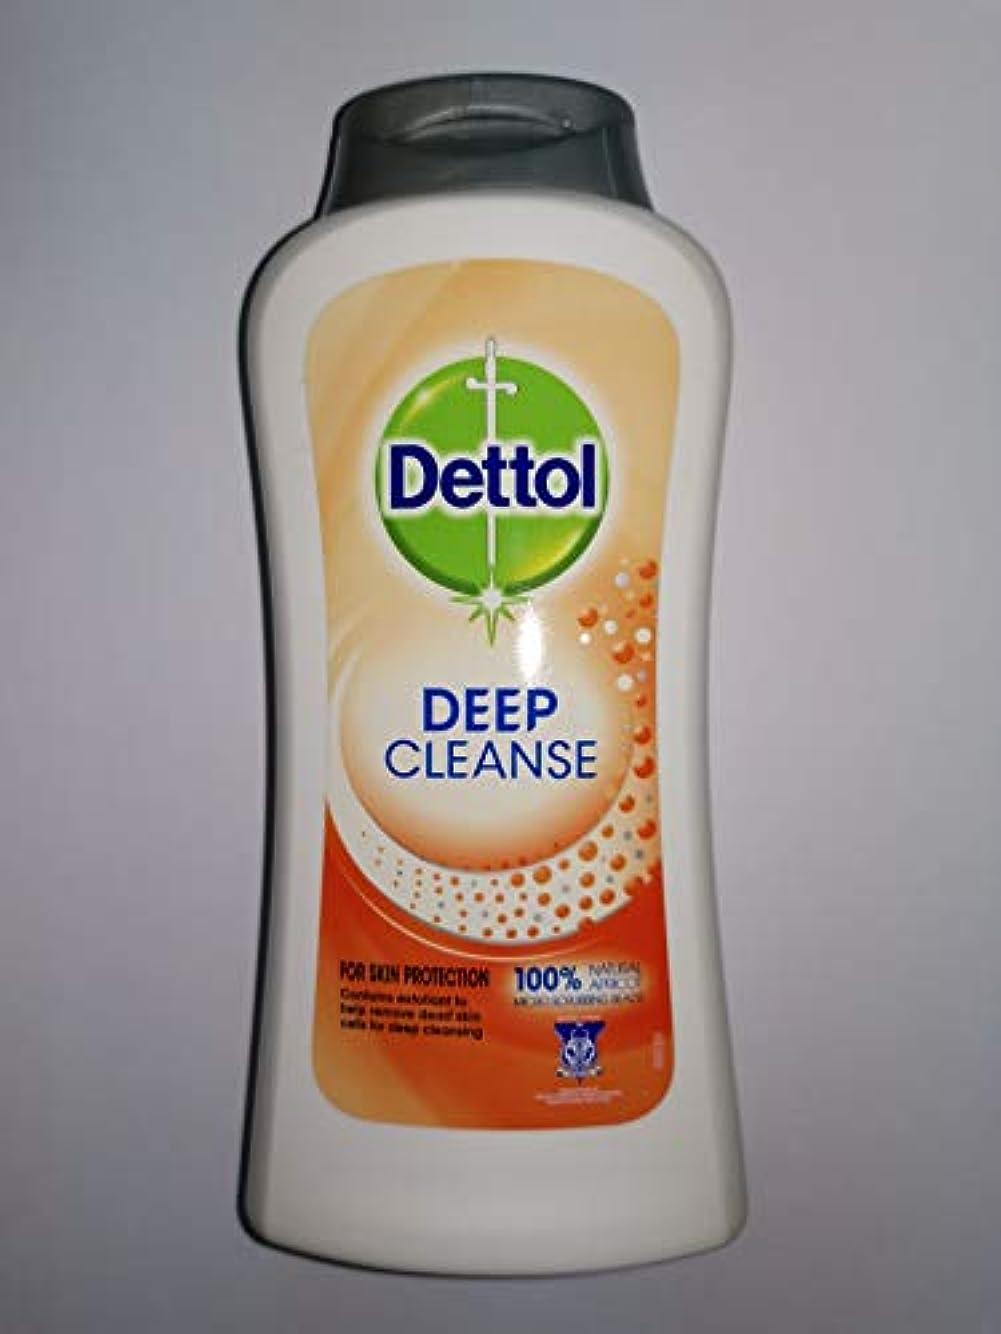 逮捕誰の芽Dettol マイクロスクラブビーズで225ミリリットル、深いクリーンシャワーすることは、それらを100%より優れた皮膚保護を提供します。皮膚は不純物や細菌自由な呼吸させます